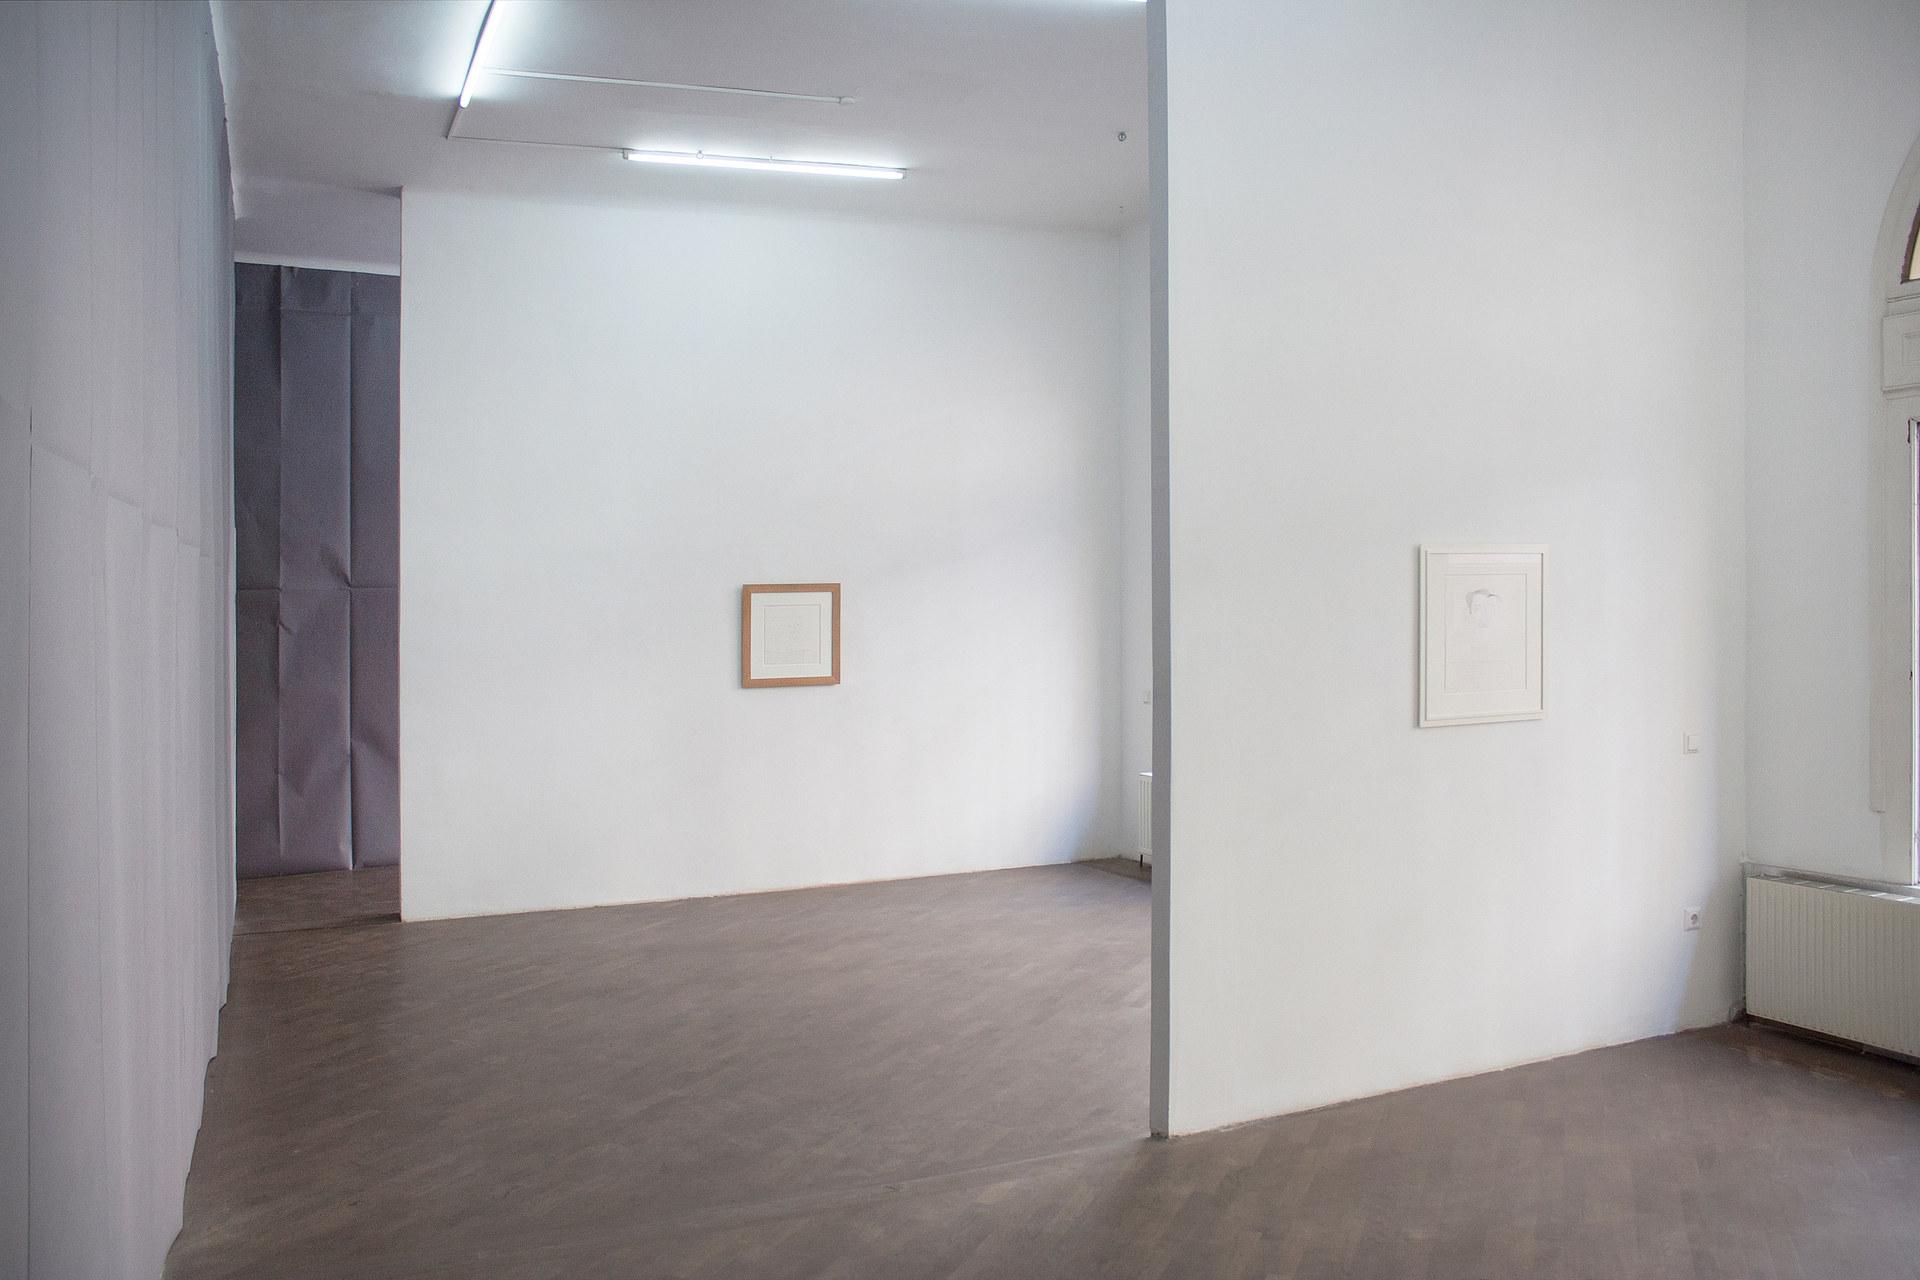 #13-Gerber_McArthur_Nutt_-final-installation-view